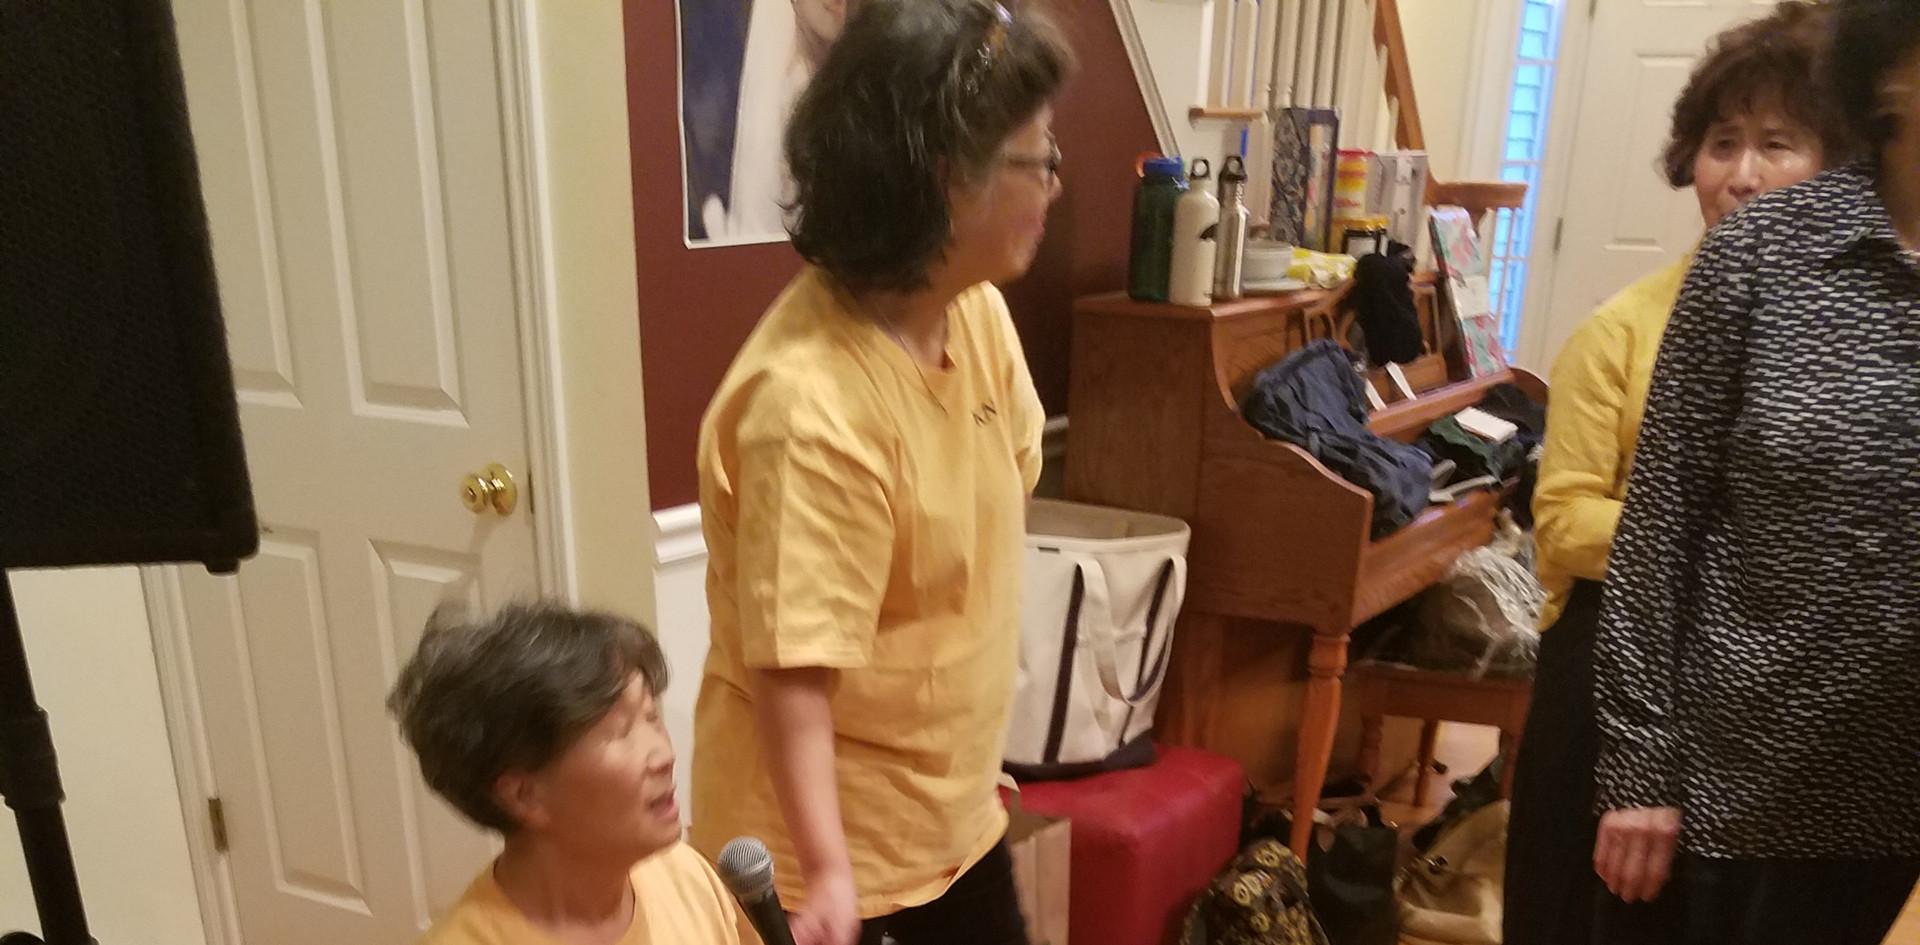 윤은경 간호사님-보스톤 산악회 회원들을 위한 CPR